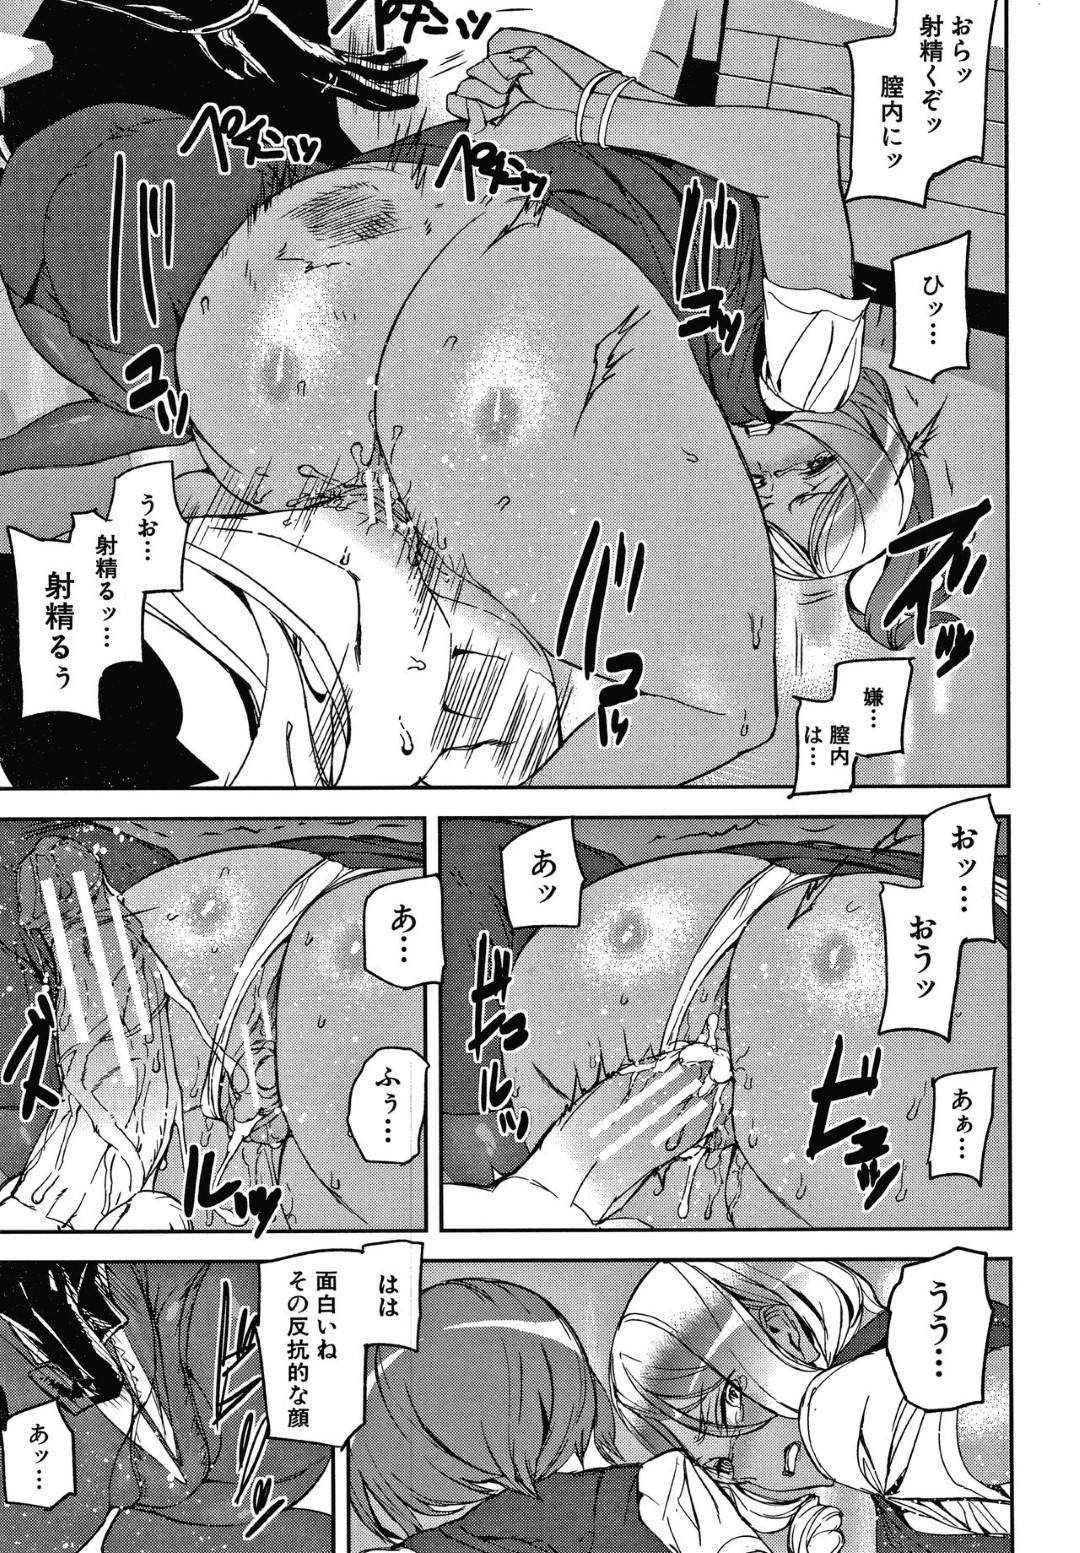 【エロ漫画】仮装ゲームの中でいきなり現れた男に戸惑う巨乳JK…次の瞬間に知らない人からセフレの認識に変わりトロ顔で股を開く!さらに部屋に入って来た友人の黒ギャルJKも設定を変えて3P中出しセックス!【アシオミマサト】